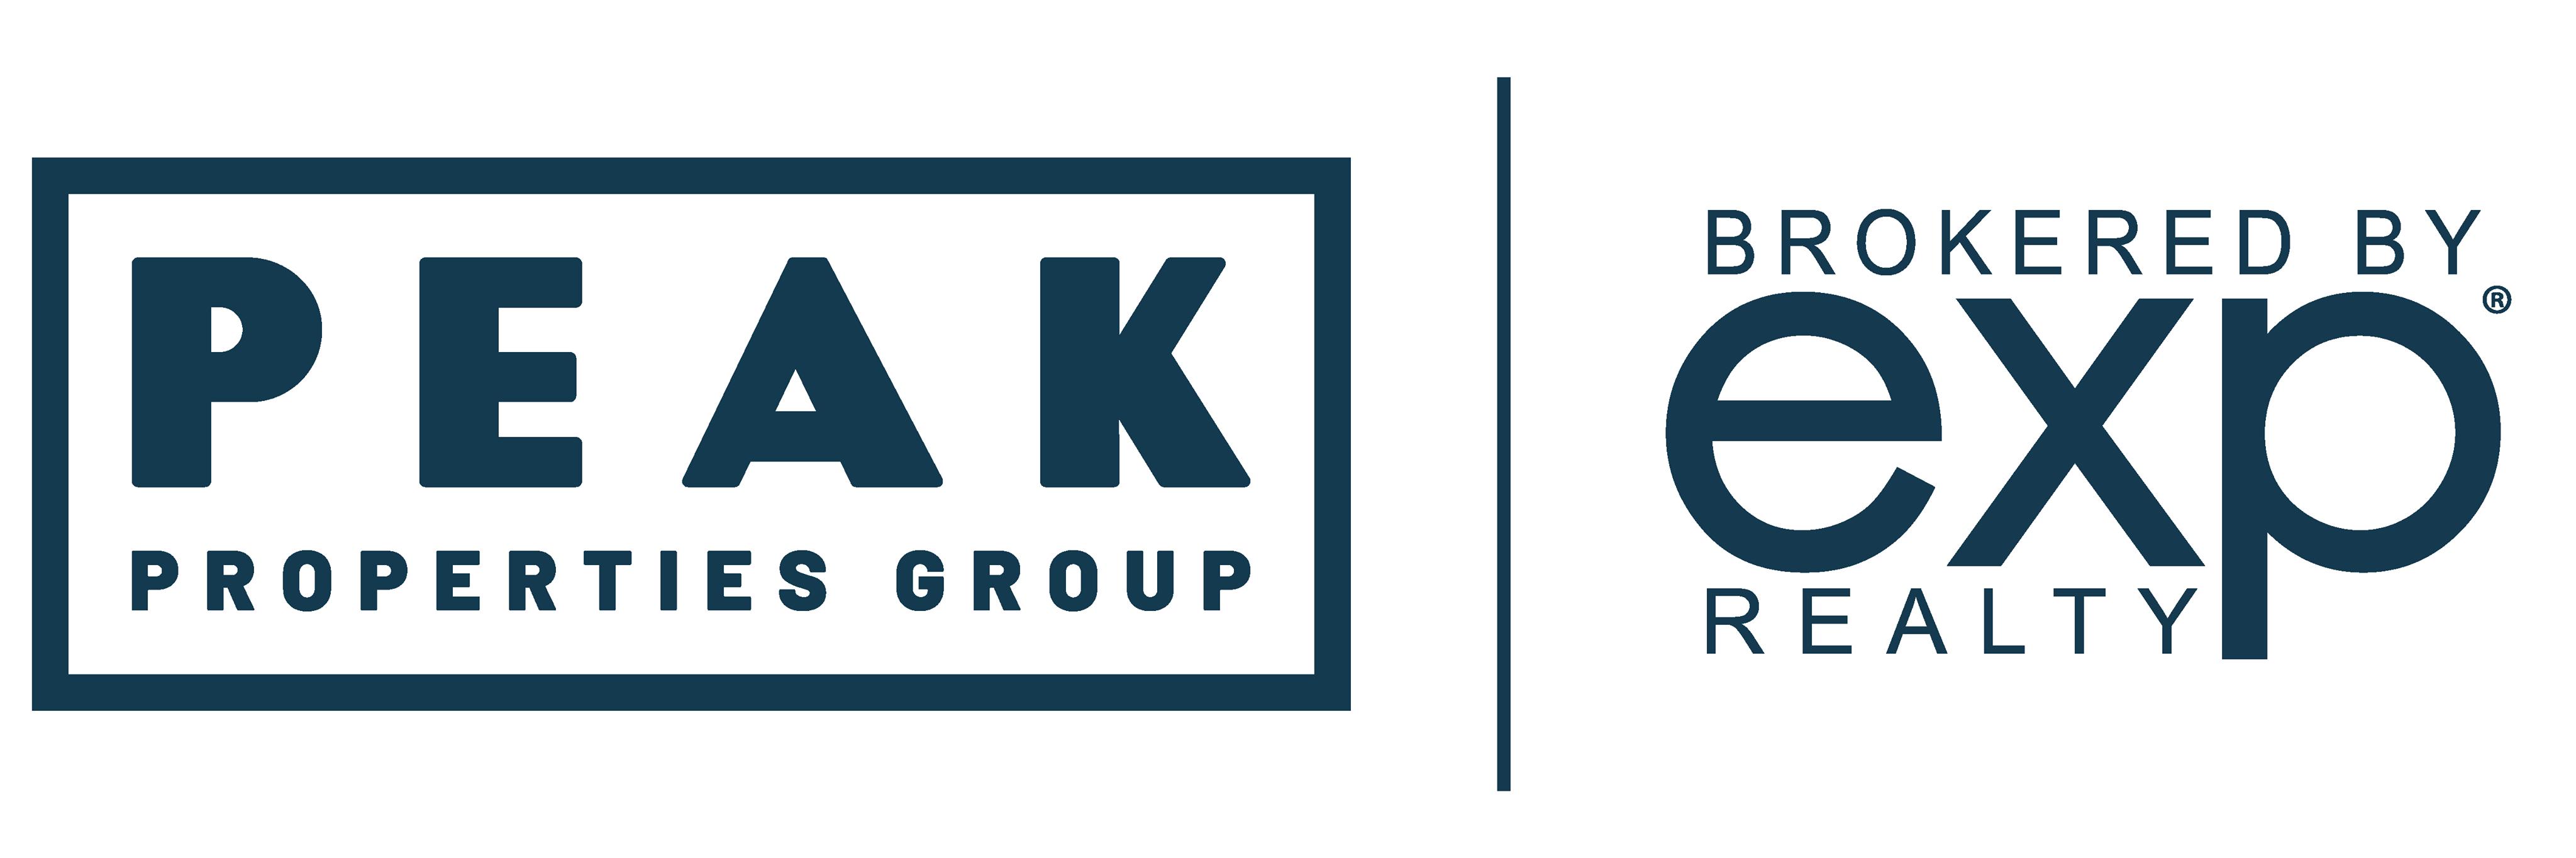 Peak Properties Group | Brokered By eXp